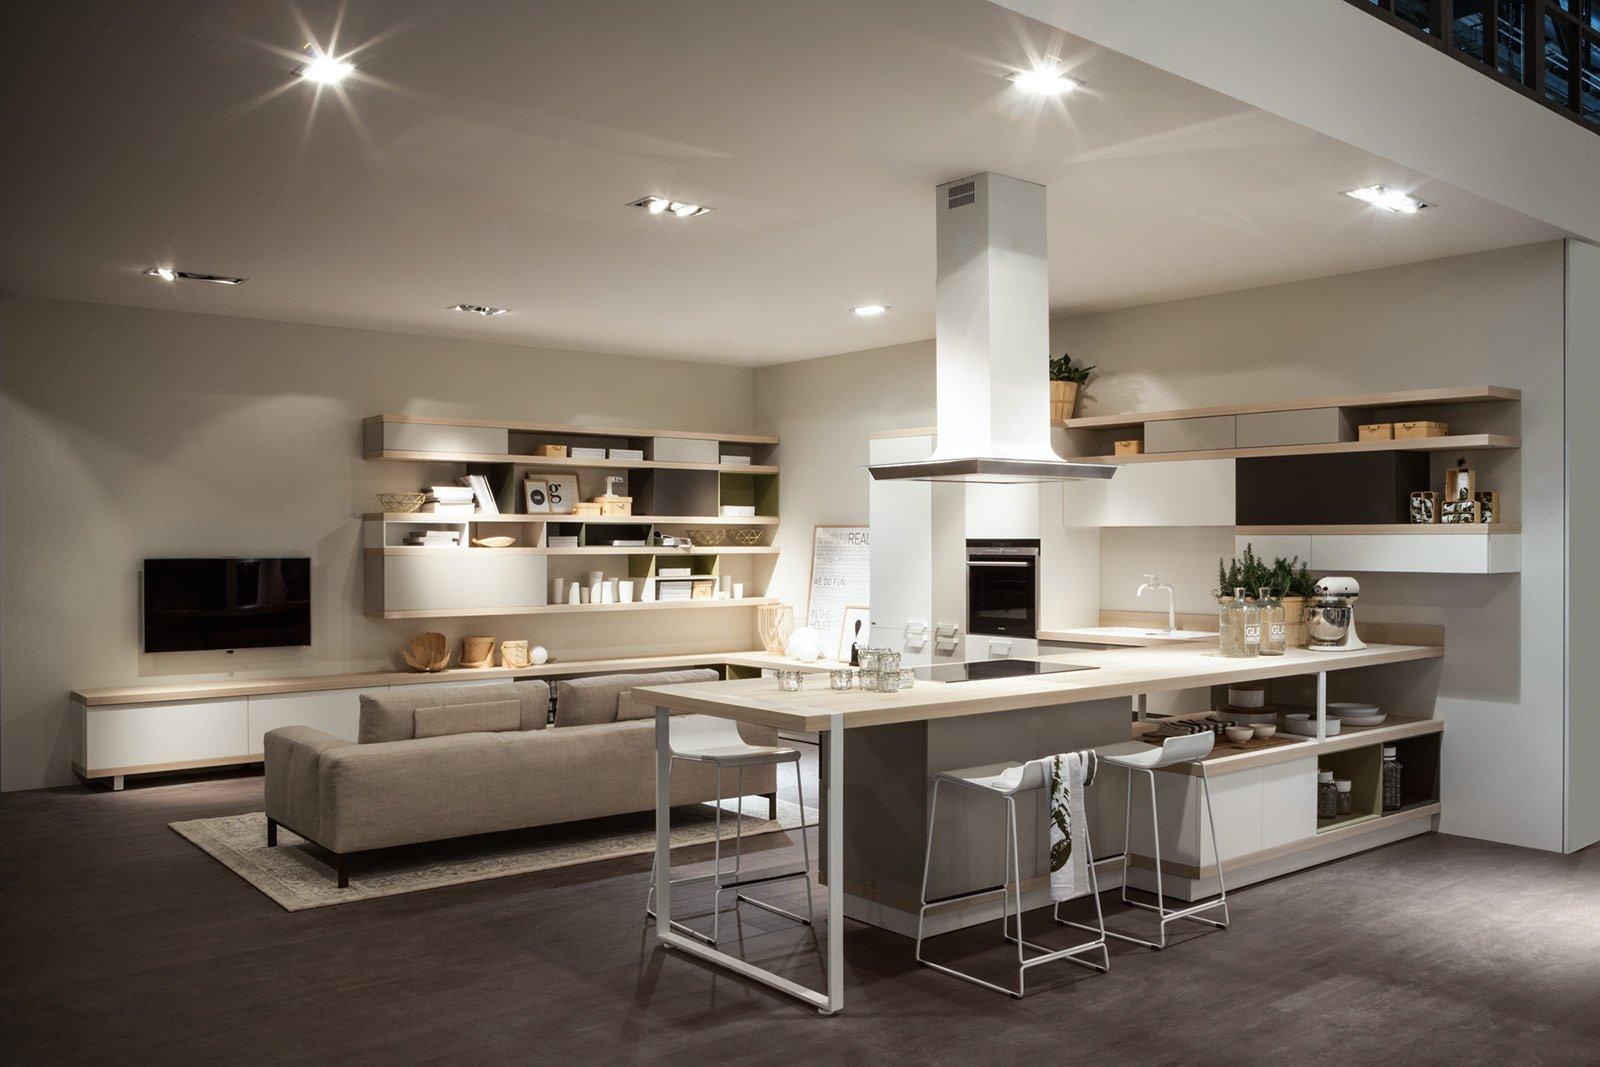 Cucina e soggiorno openspace funzioni divise o spiccata - Cucine e salotti insieme ...